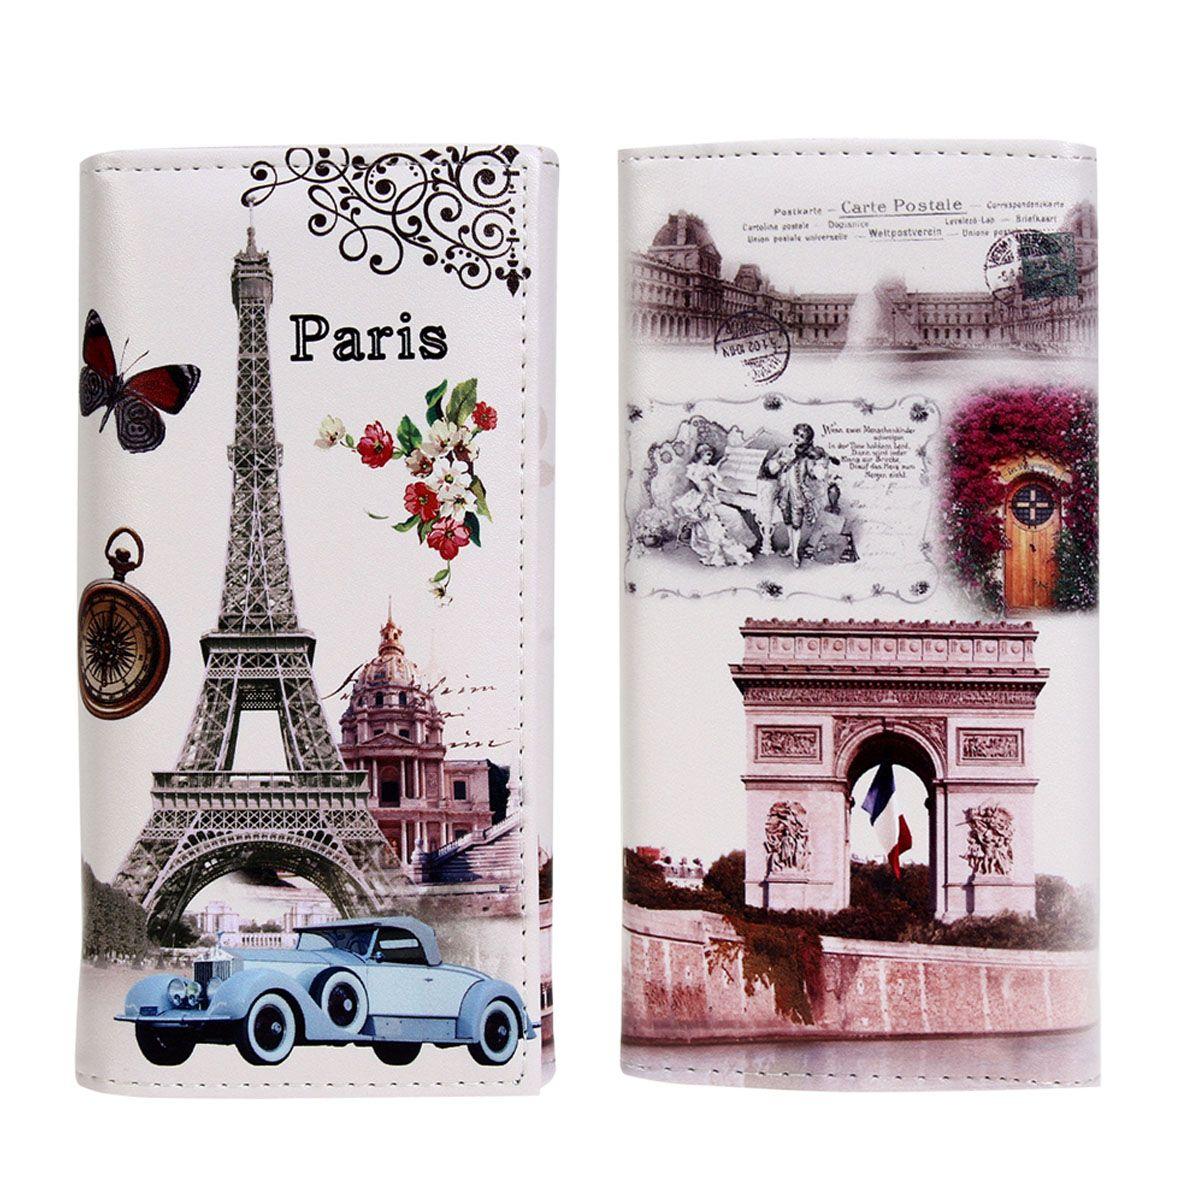 Moda Bayan Uzun Cüzdan Sıcak Satış Pürüzsüz PU deri Paris Bayraklar Eyfel Kulesi Tarzı Lady Sikke Çantalar Debriyaj Cüzdan Para Çanta